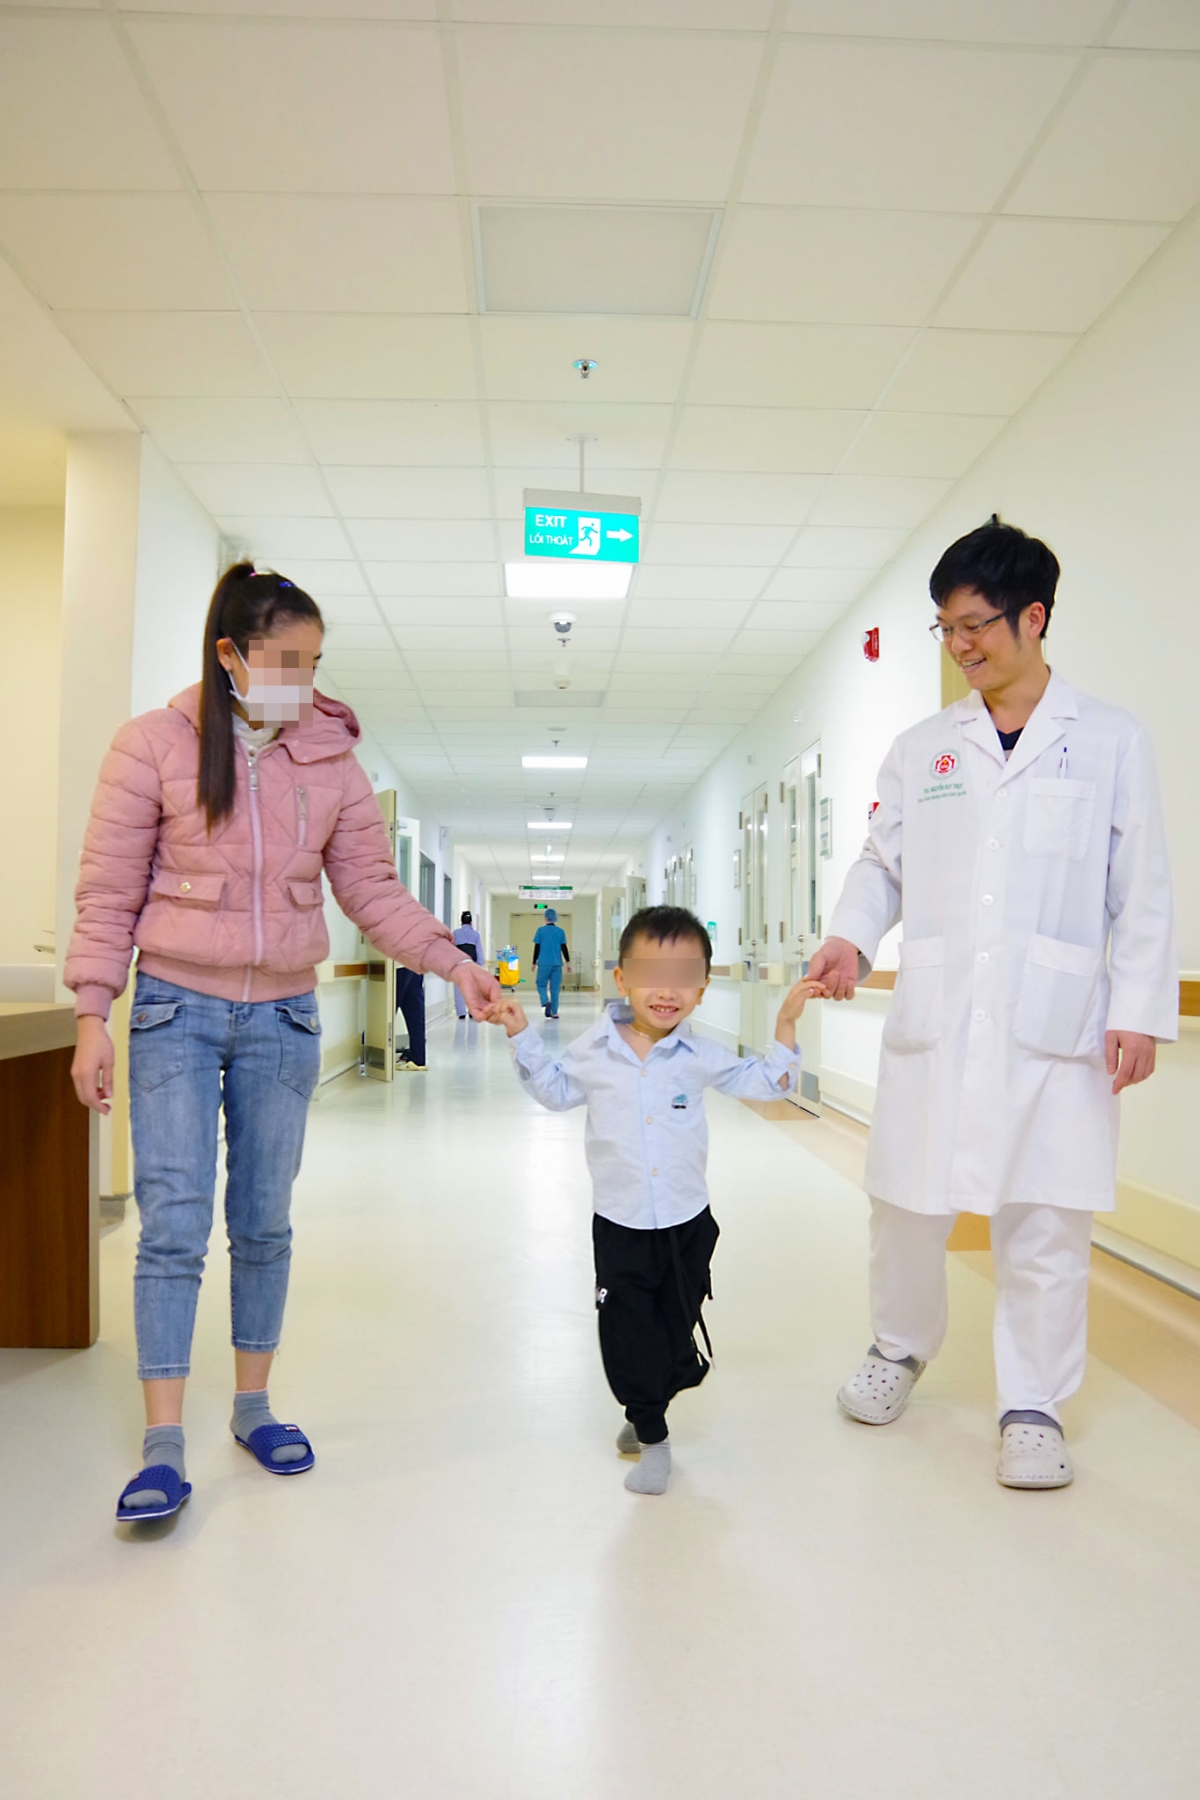 Với nụ cười tươi trên môi, sau ca phẫu thuật thành công, bé B.Đ đã có thể bước những bước chân tự tin cùng với mẹ và bác sĩ Nguyễn Duy Thụy. (Ảnh: BVCC)